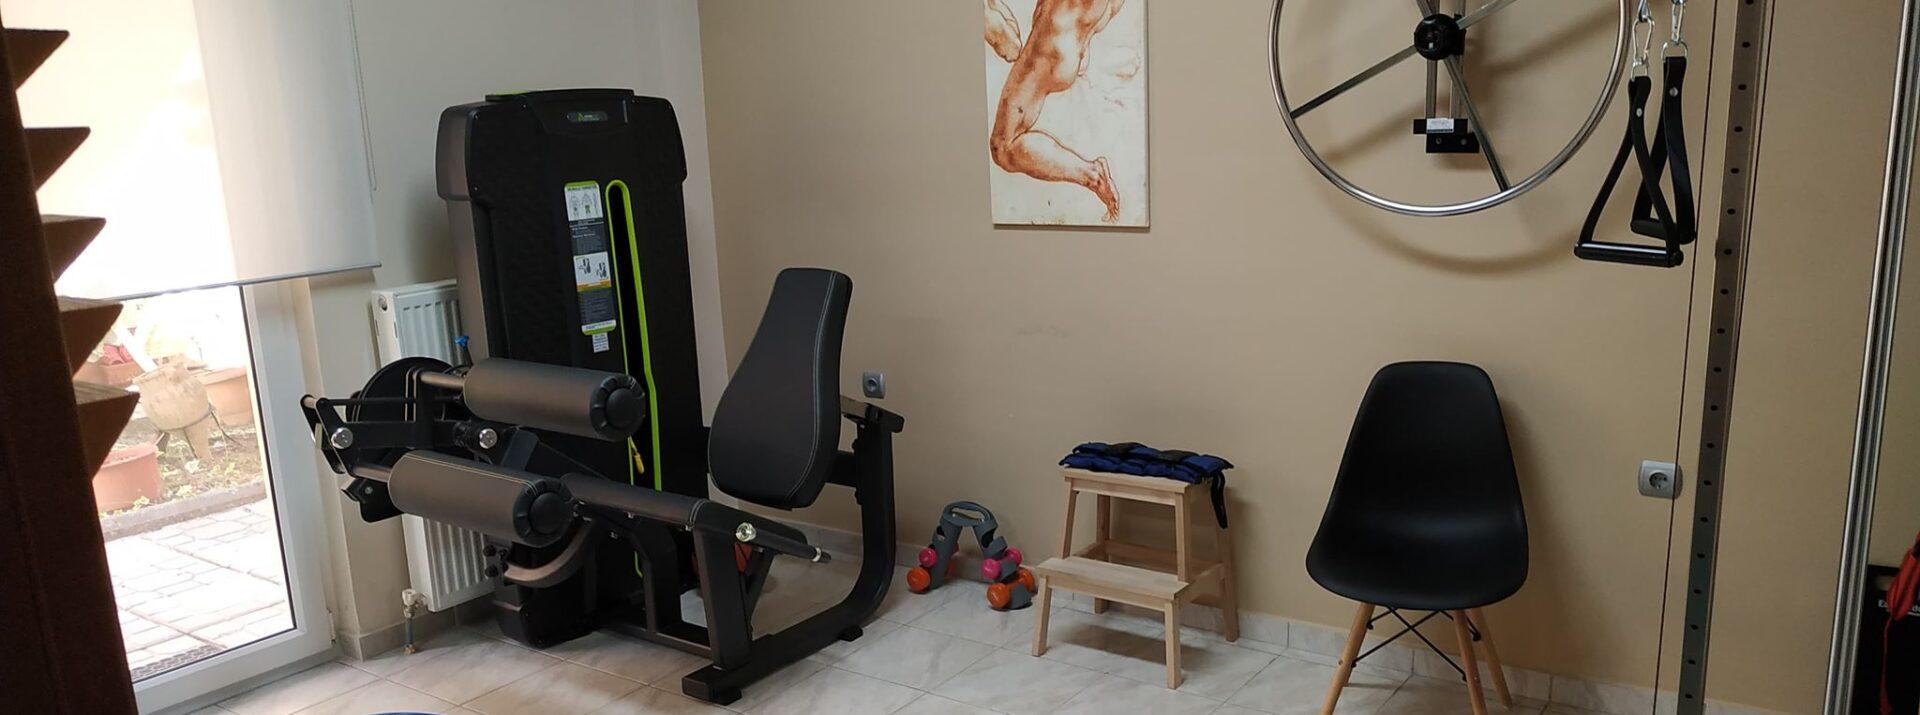 Πλήρως εξοπλισμένο γυμναστήριο με όλα τα απαραίτητα όργανα